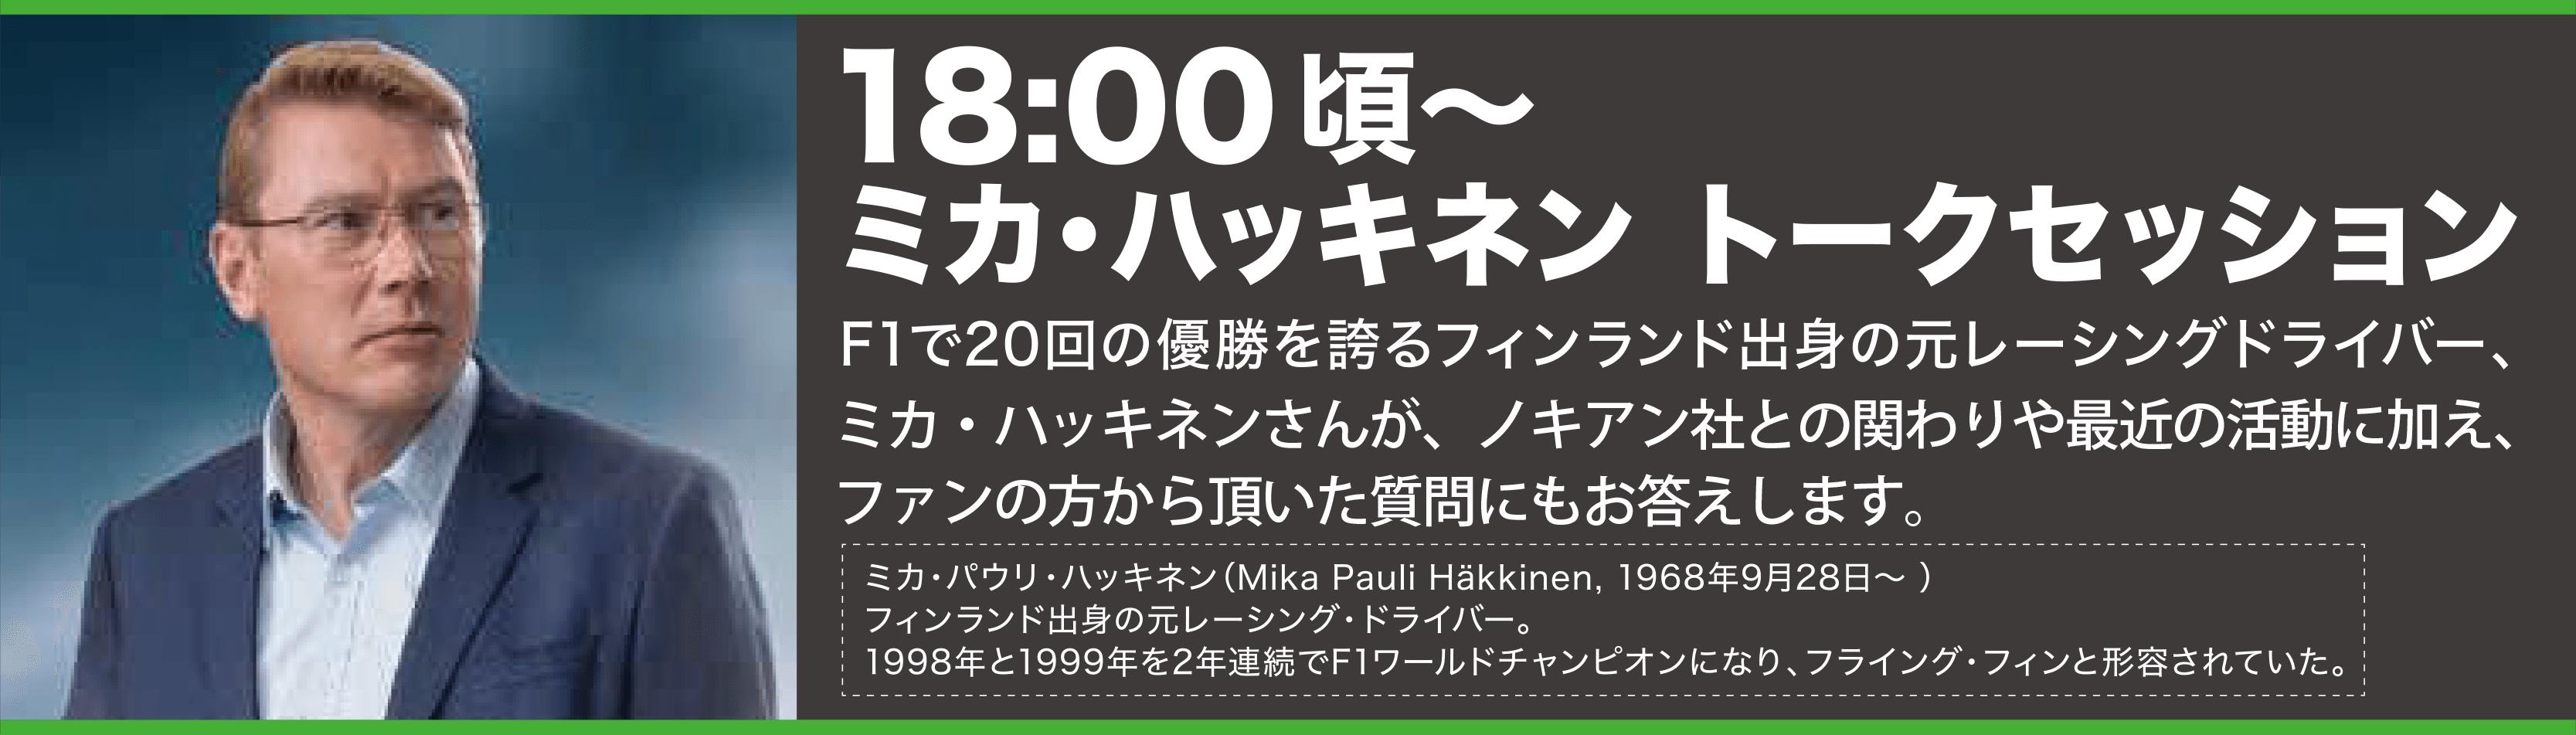 18:00頃~ミカ・ハッキネン トークセッション。F1で20回の優勝を誇るフィンランド出身の元レーシングドライバー、ミカ・ハッキネンさんが、ノキアン社との関わりや最近の活動に加え、ファンの方から頂いた質問にもお答えします。